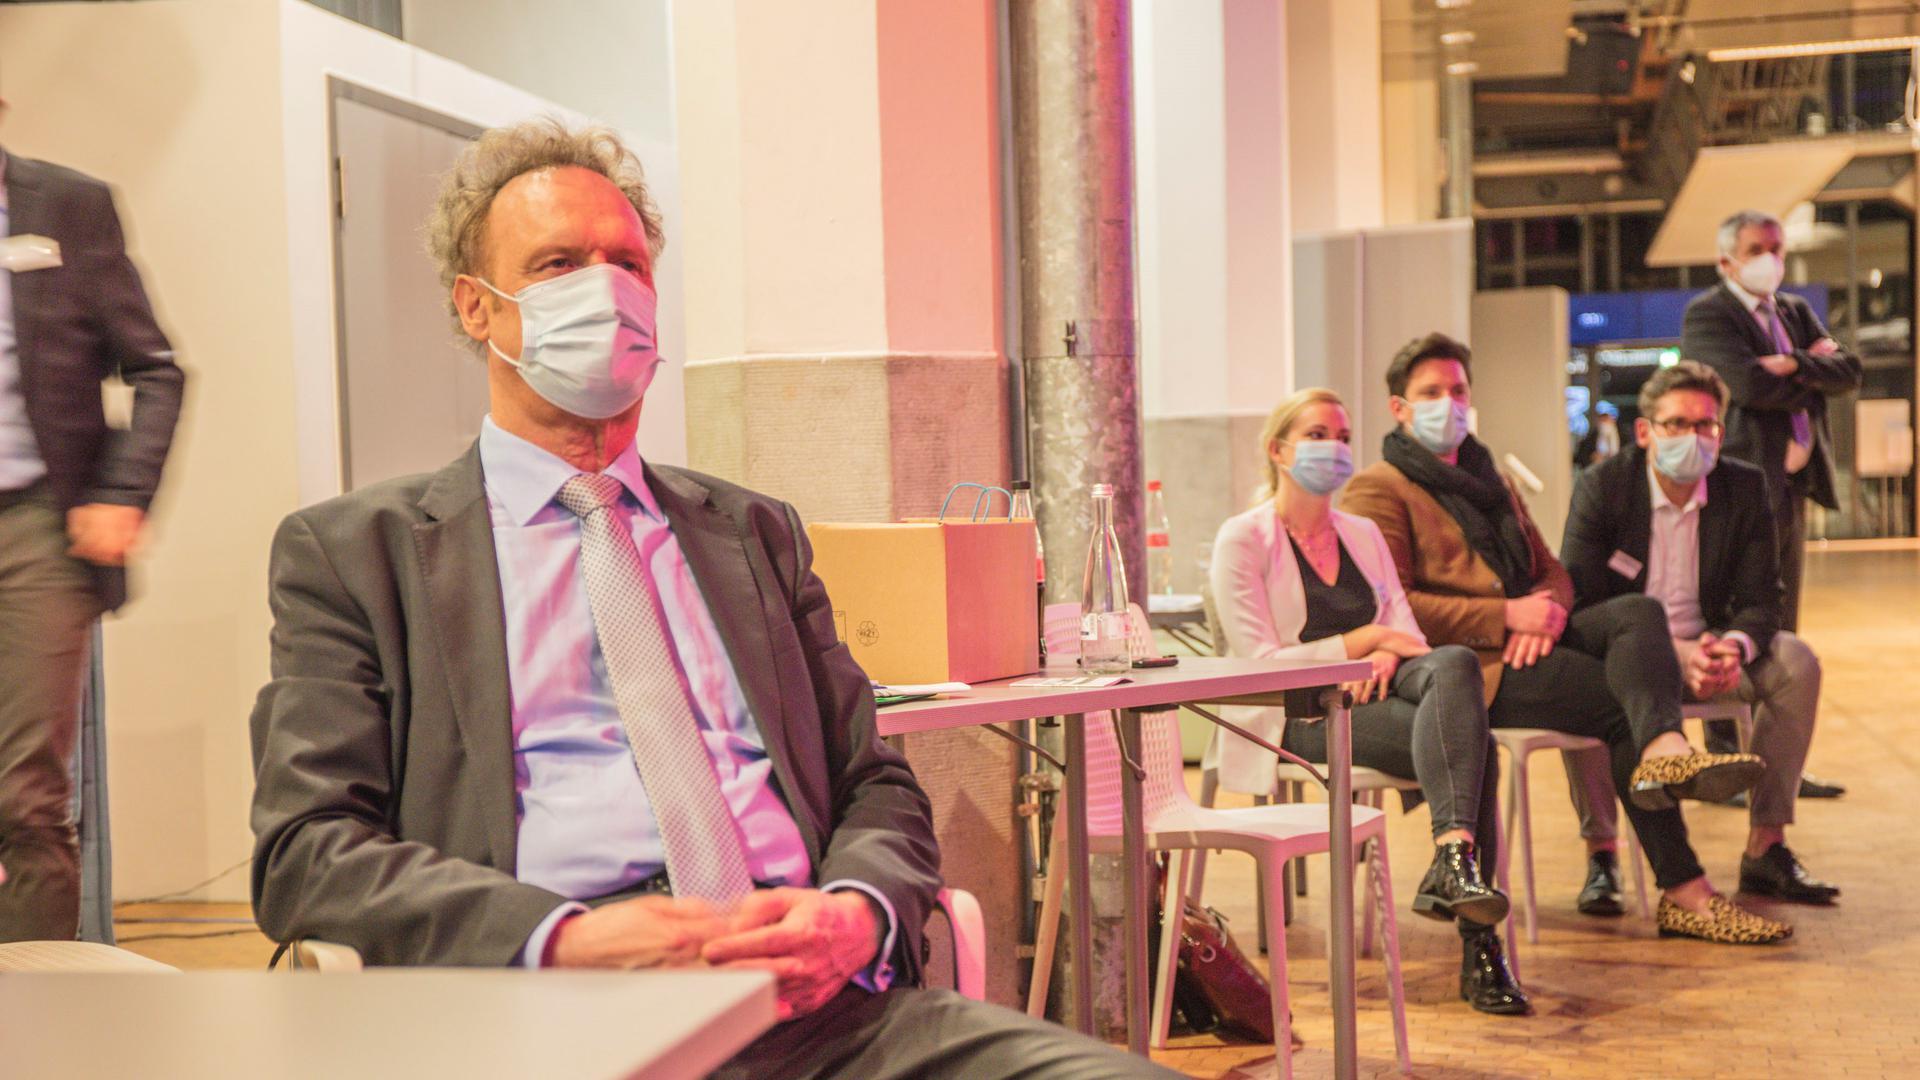 BNN-Verleger und Chefredakteur Klaus Michael Baur verfolgt das BNN-Wahlforum im ZKM in Karlsruhe.